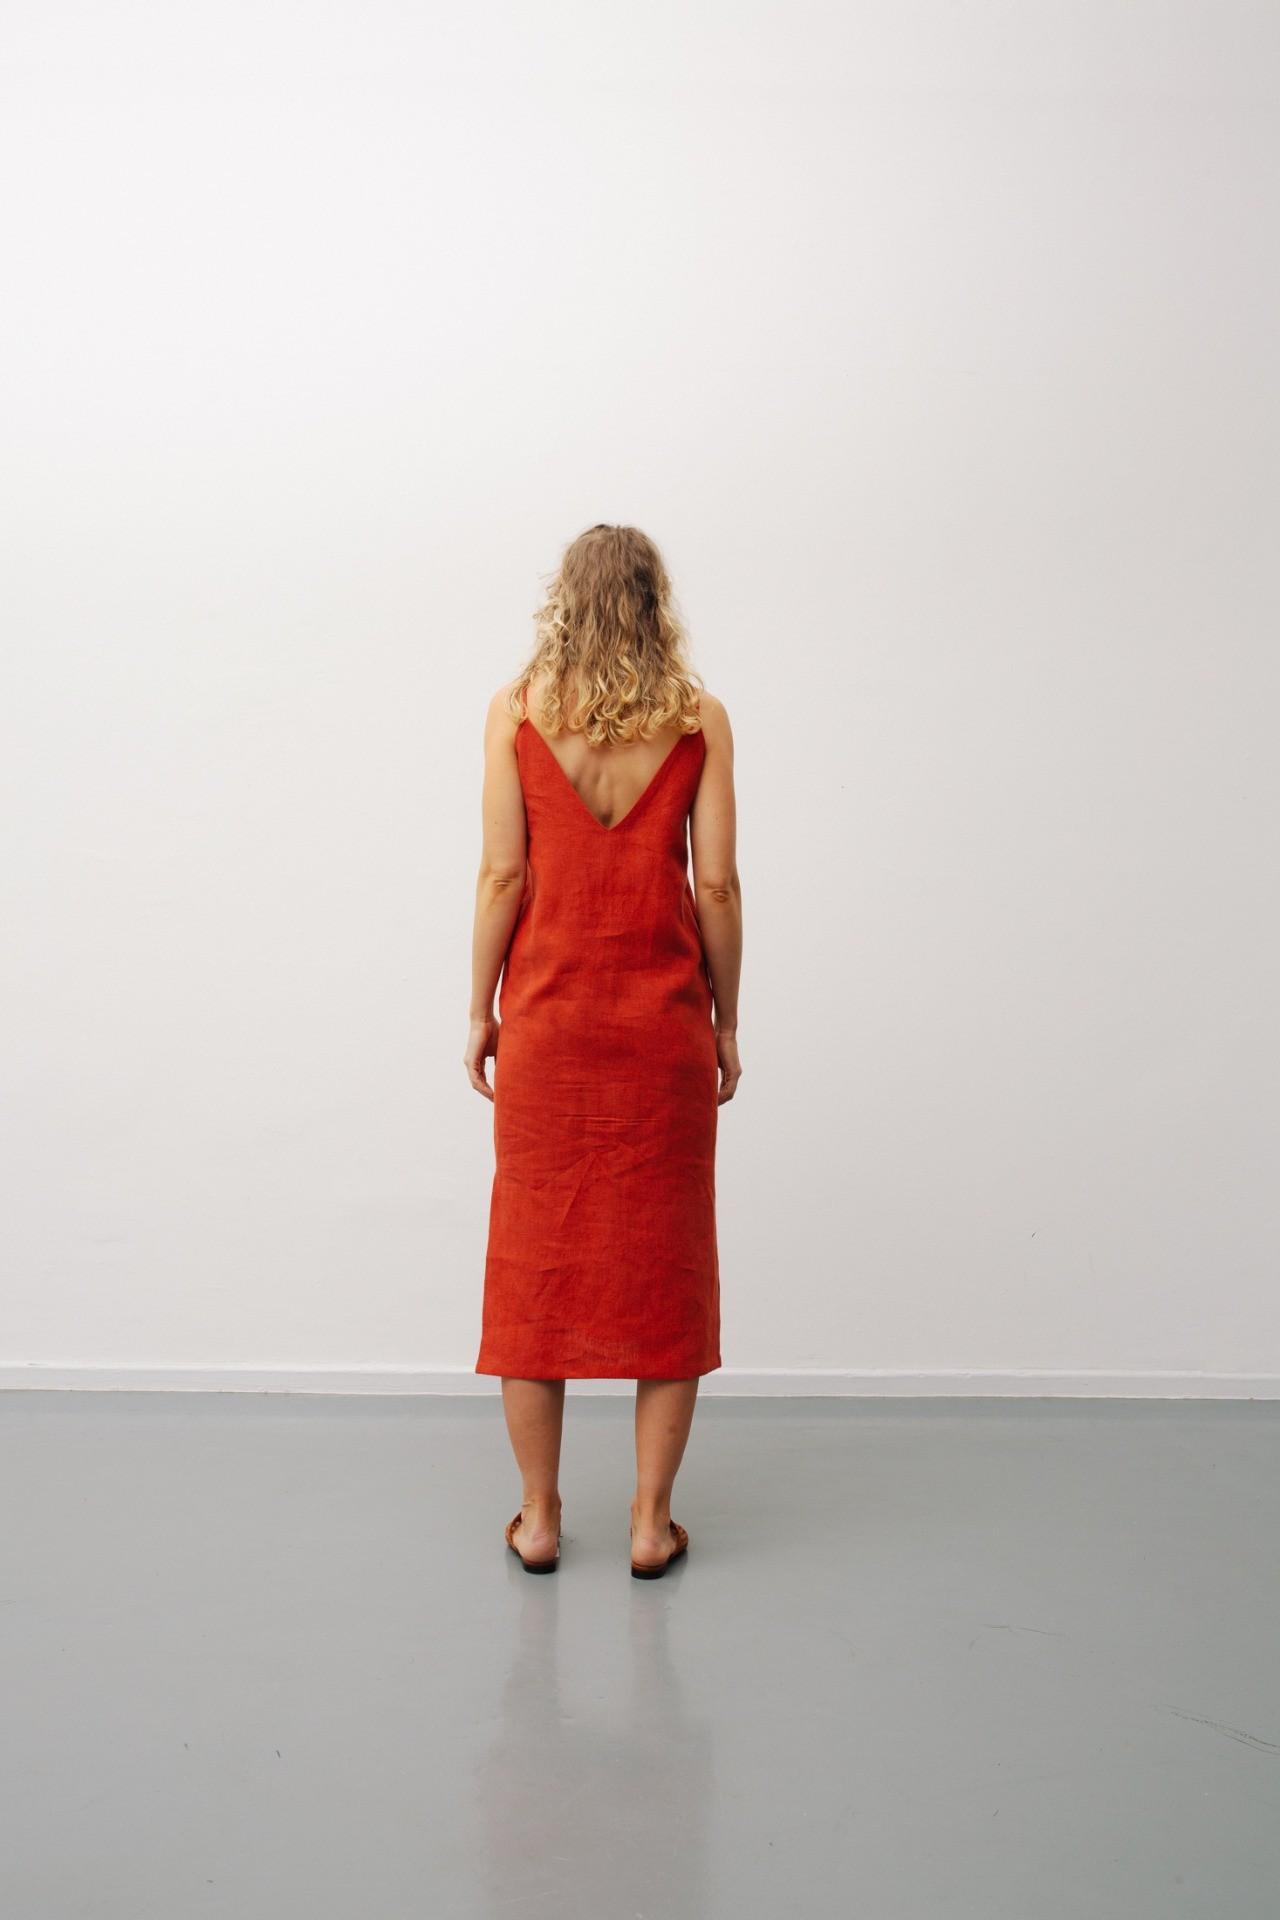 Helena Harfst Lookbook - Rückansicht